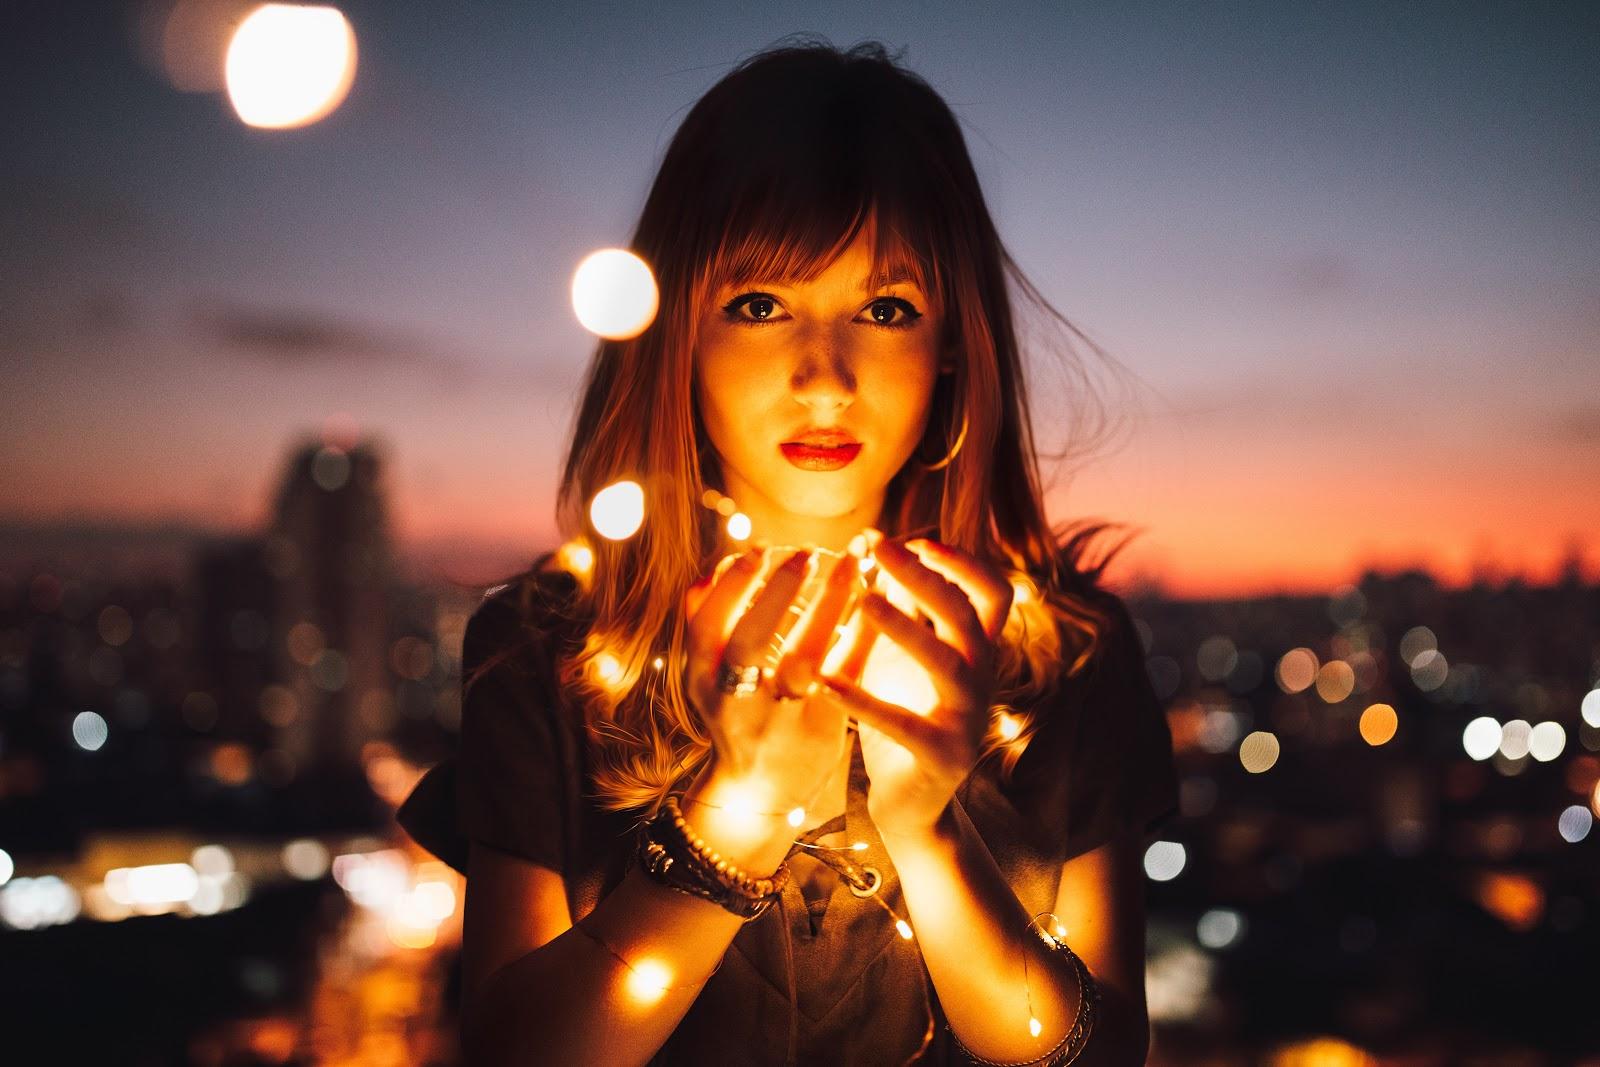 Woman Holding Fireflies